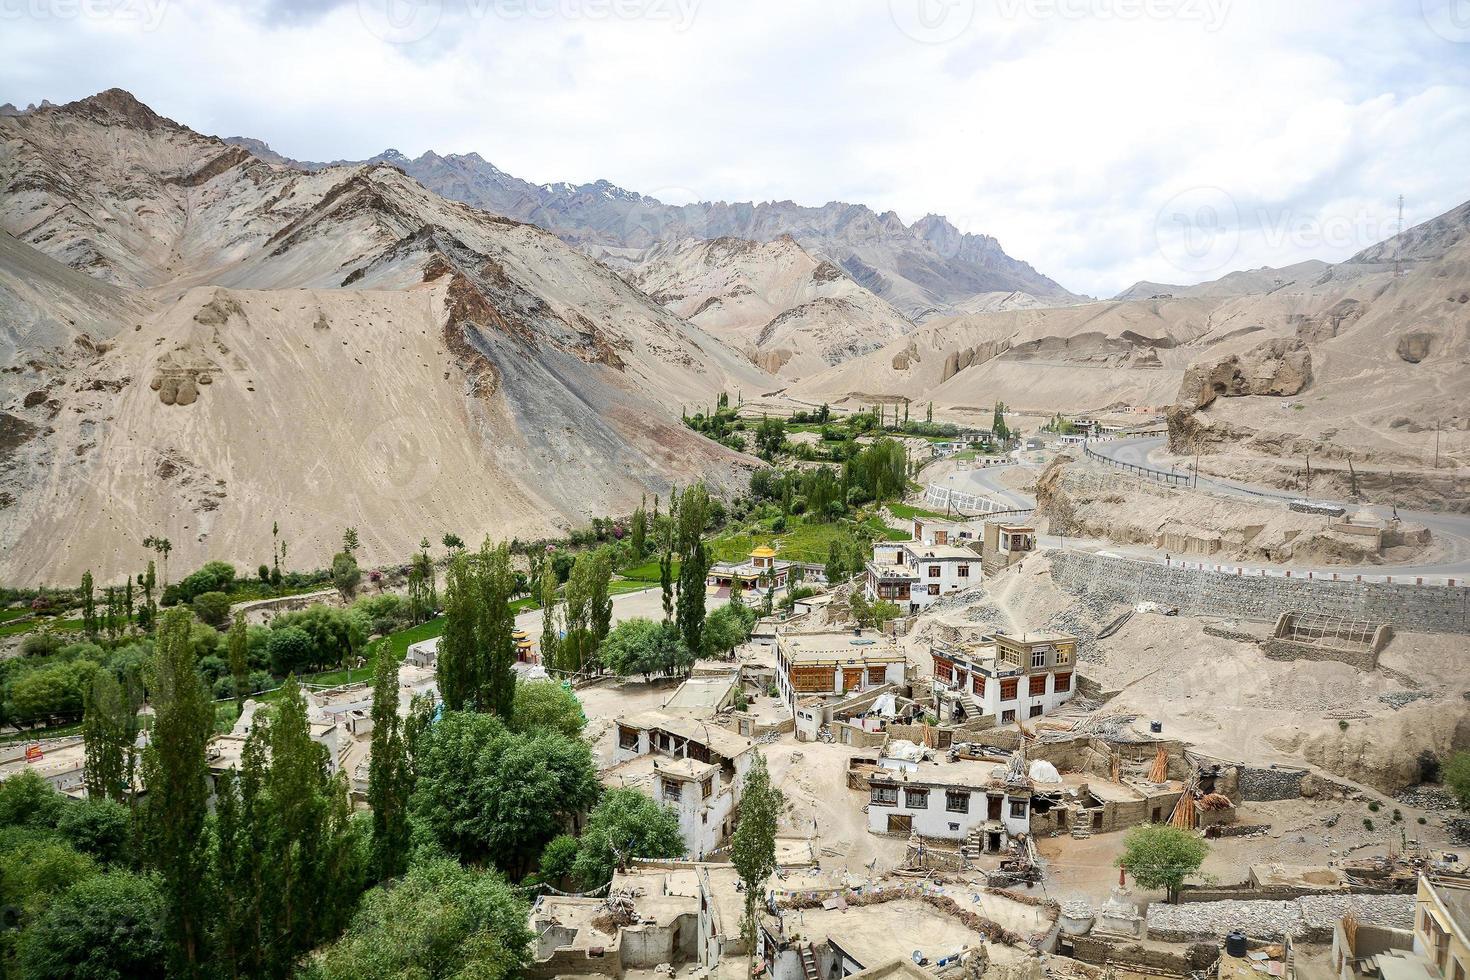 Dorf in der Nähe von Lamayuru Kloster, Ladakh, Indien foto